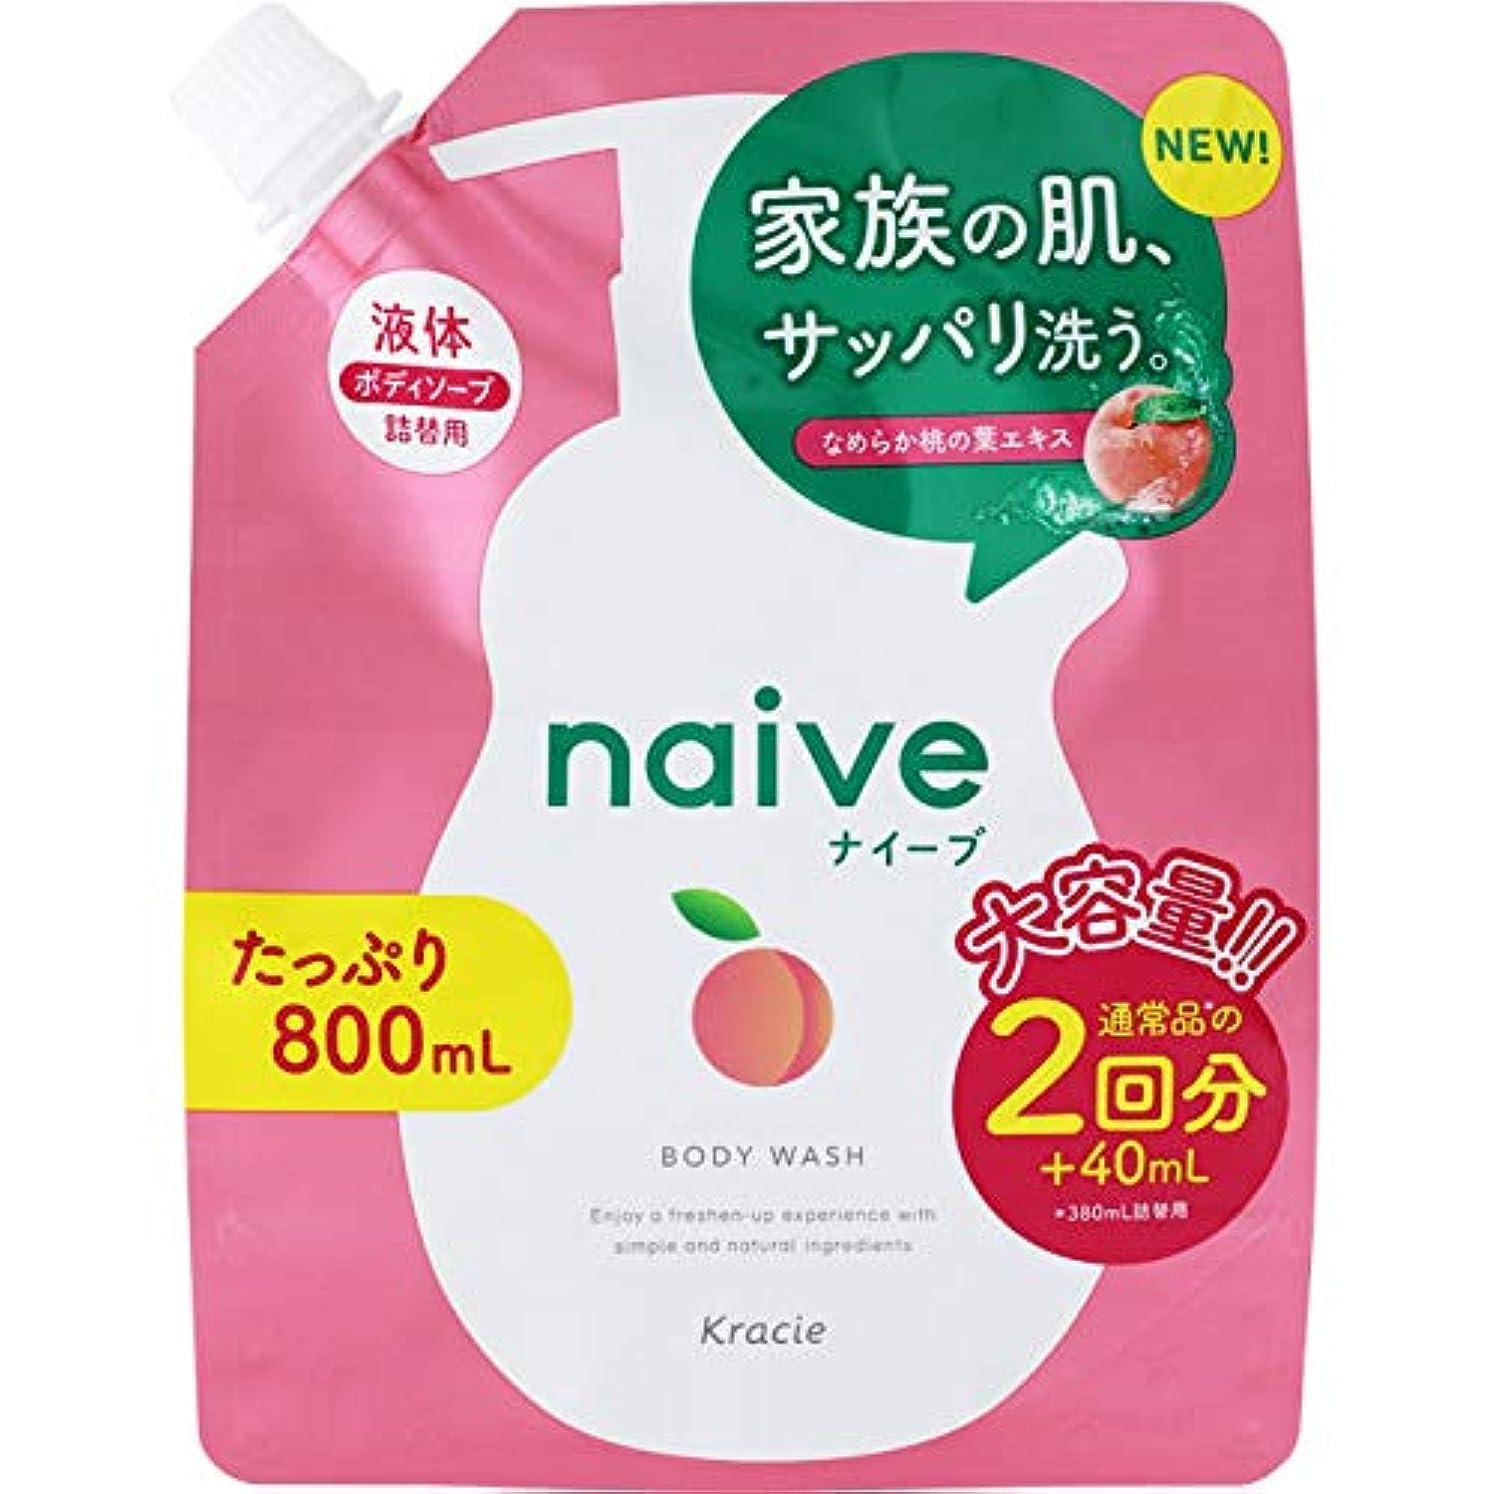 アッパーアナロジー必需品ナイーブ ボディソープ(桃の葉エキス配合) 詰替用 × 7個セット